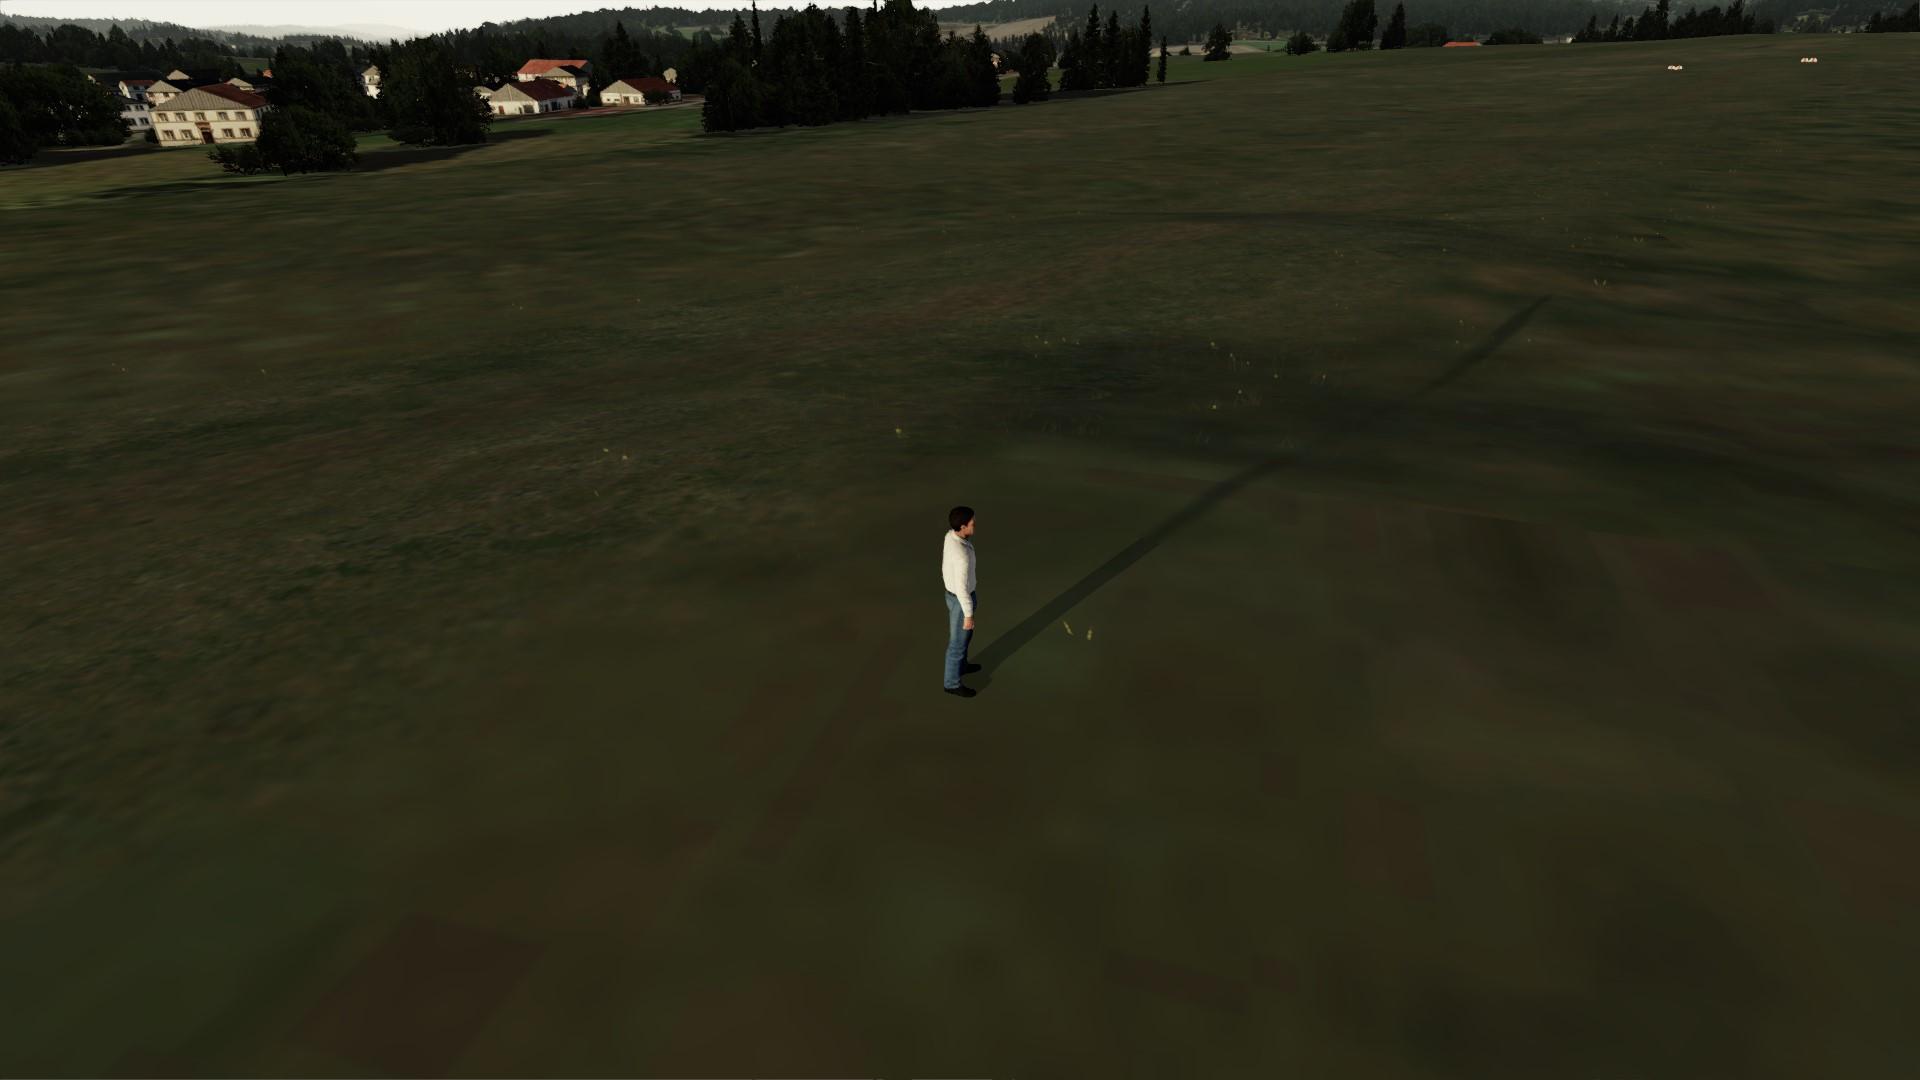 ORBX_GES_typical_grass_airstrip.jpg